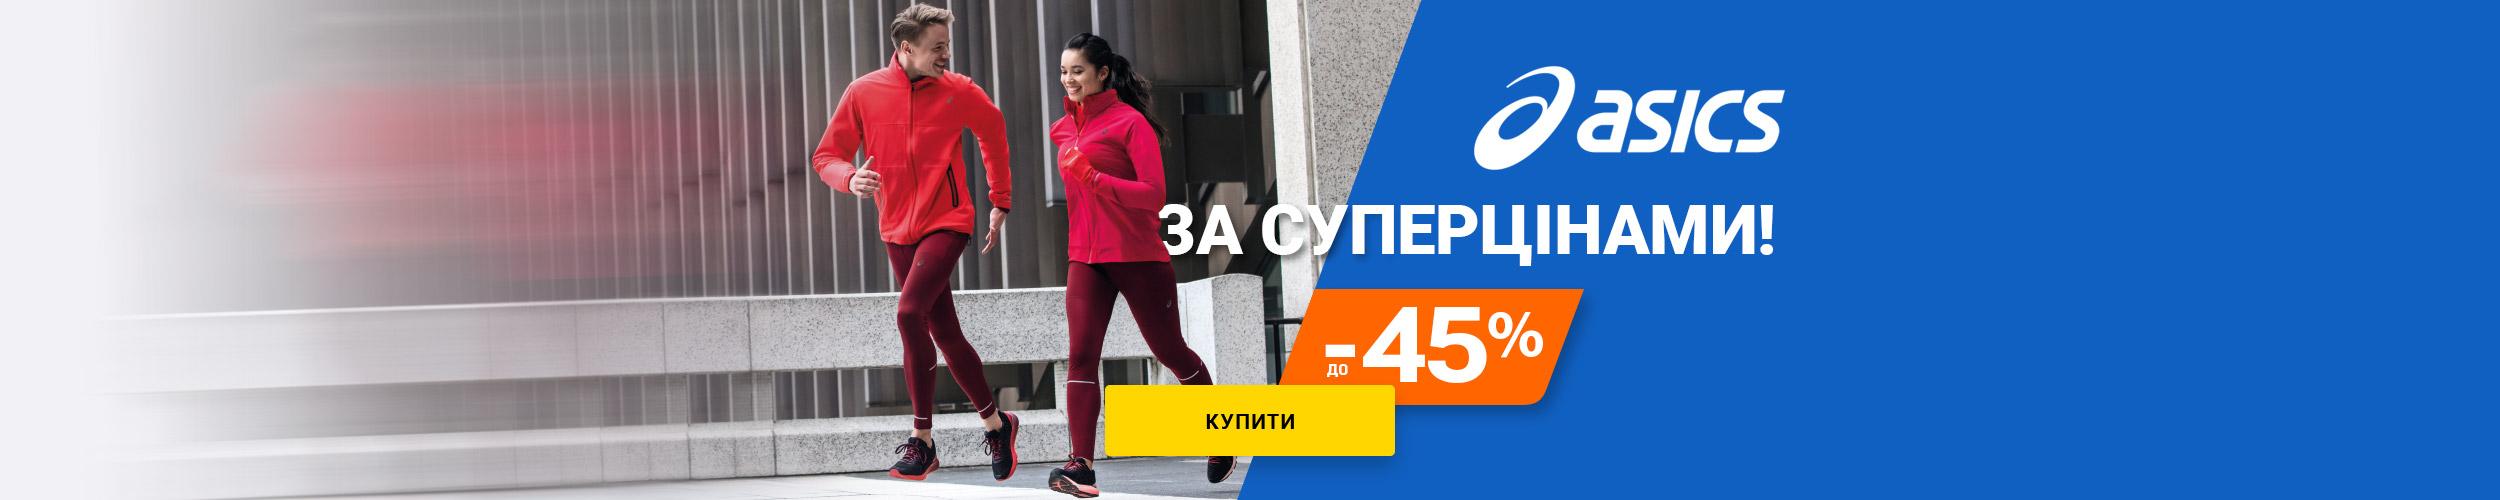 ᐉ Спортивний одяг в Києві купити • 2️⃣7️⃣UA Україна • Інтернет ... 379e94702f95a